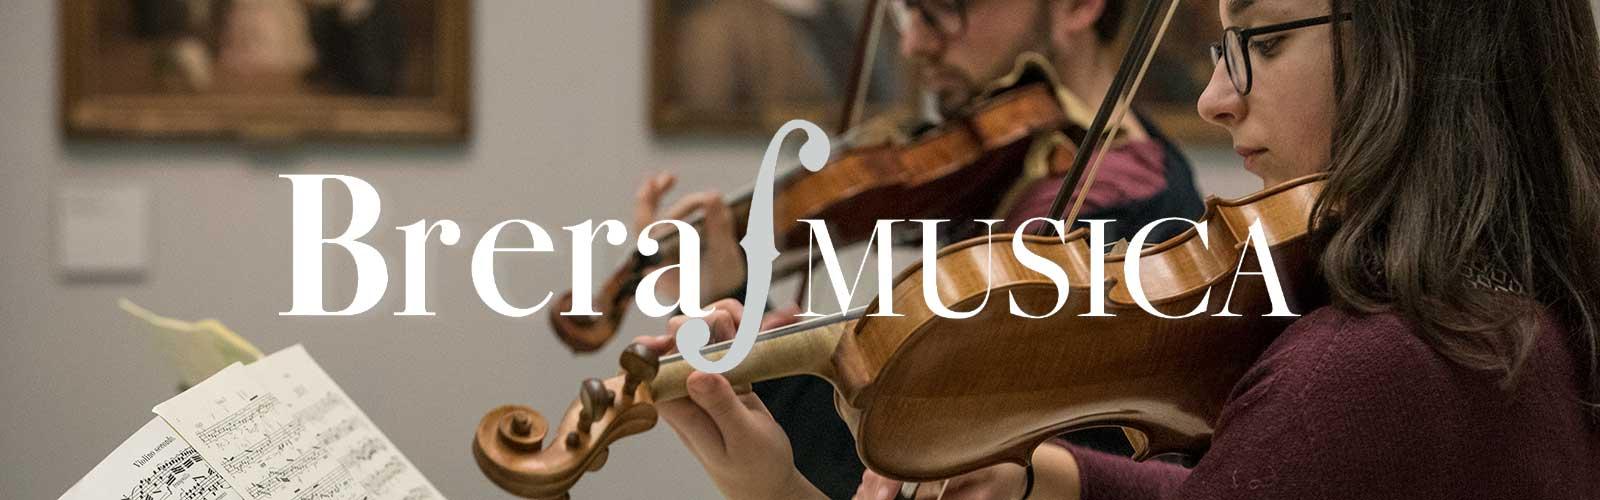 Brera/Musica